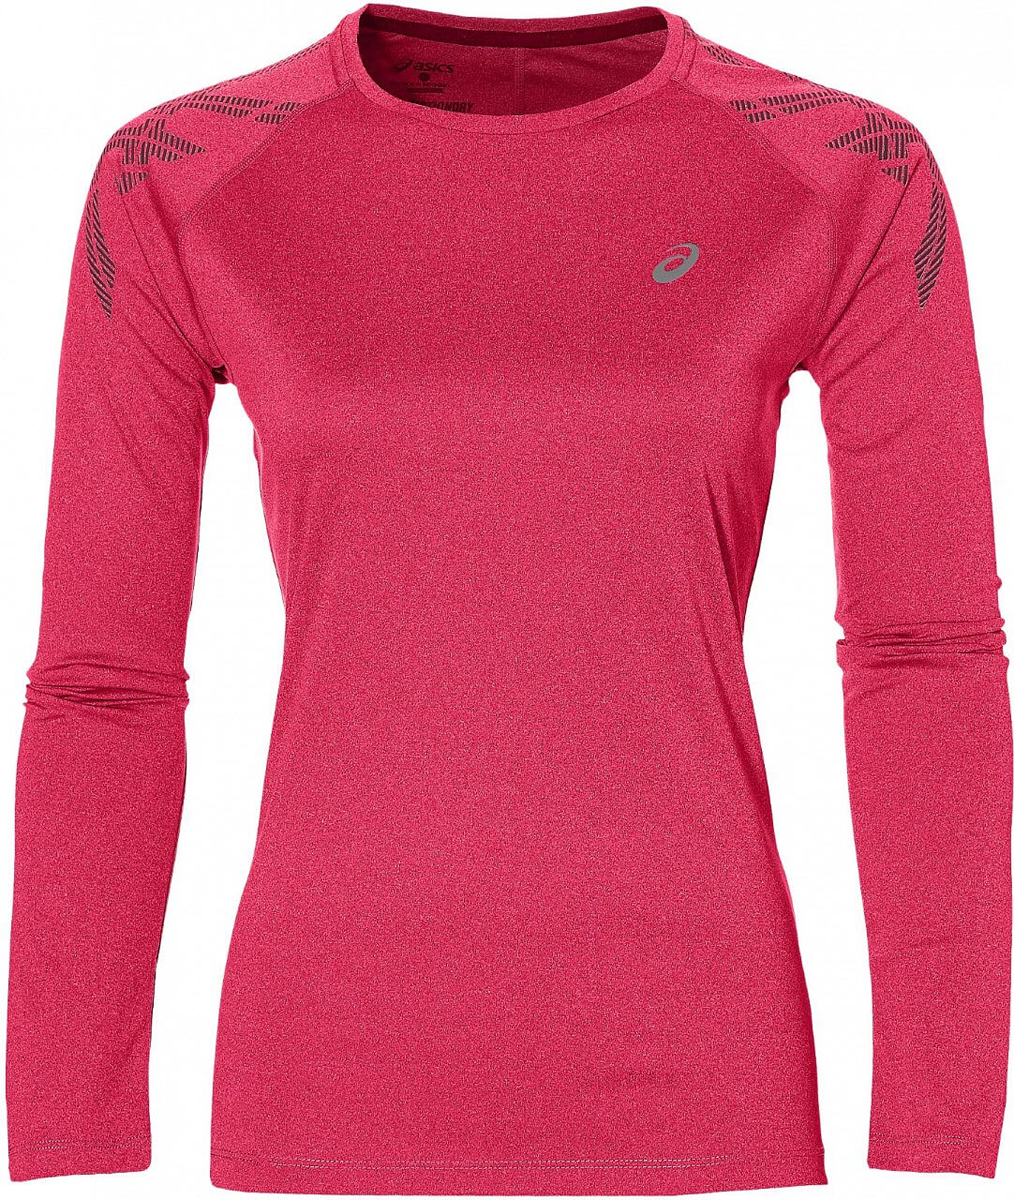 Футболка для бега женская Asics Asics Stripe LS Top, цвет: розовый. 146603-0699. Размер L (48/50)146603-0699Футболка Asics предназначена специально для бега. Эта легкая беговая футболка обеспечит вам безупречный комфорт и достижение высоких спортивных результатов благодаря мягкой, эластичной ткани, которая отводит влагу и поддерживает тело сухим. Плоские швы не натирают кожу и обеспечивают полный комфорт. Фасон рукавов-реглан элегантен и создает свободу движений. Футболка декорирована логотипом. Максимальный комфорт и уникальный спортивный образ!